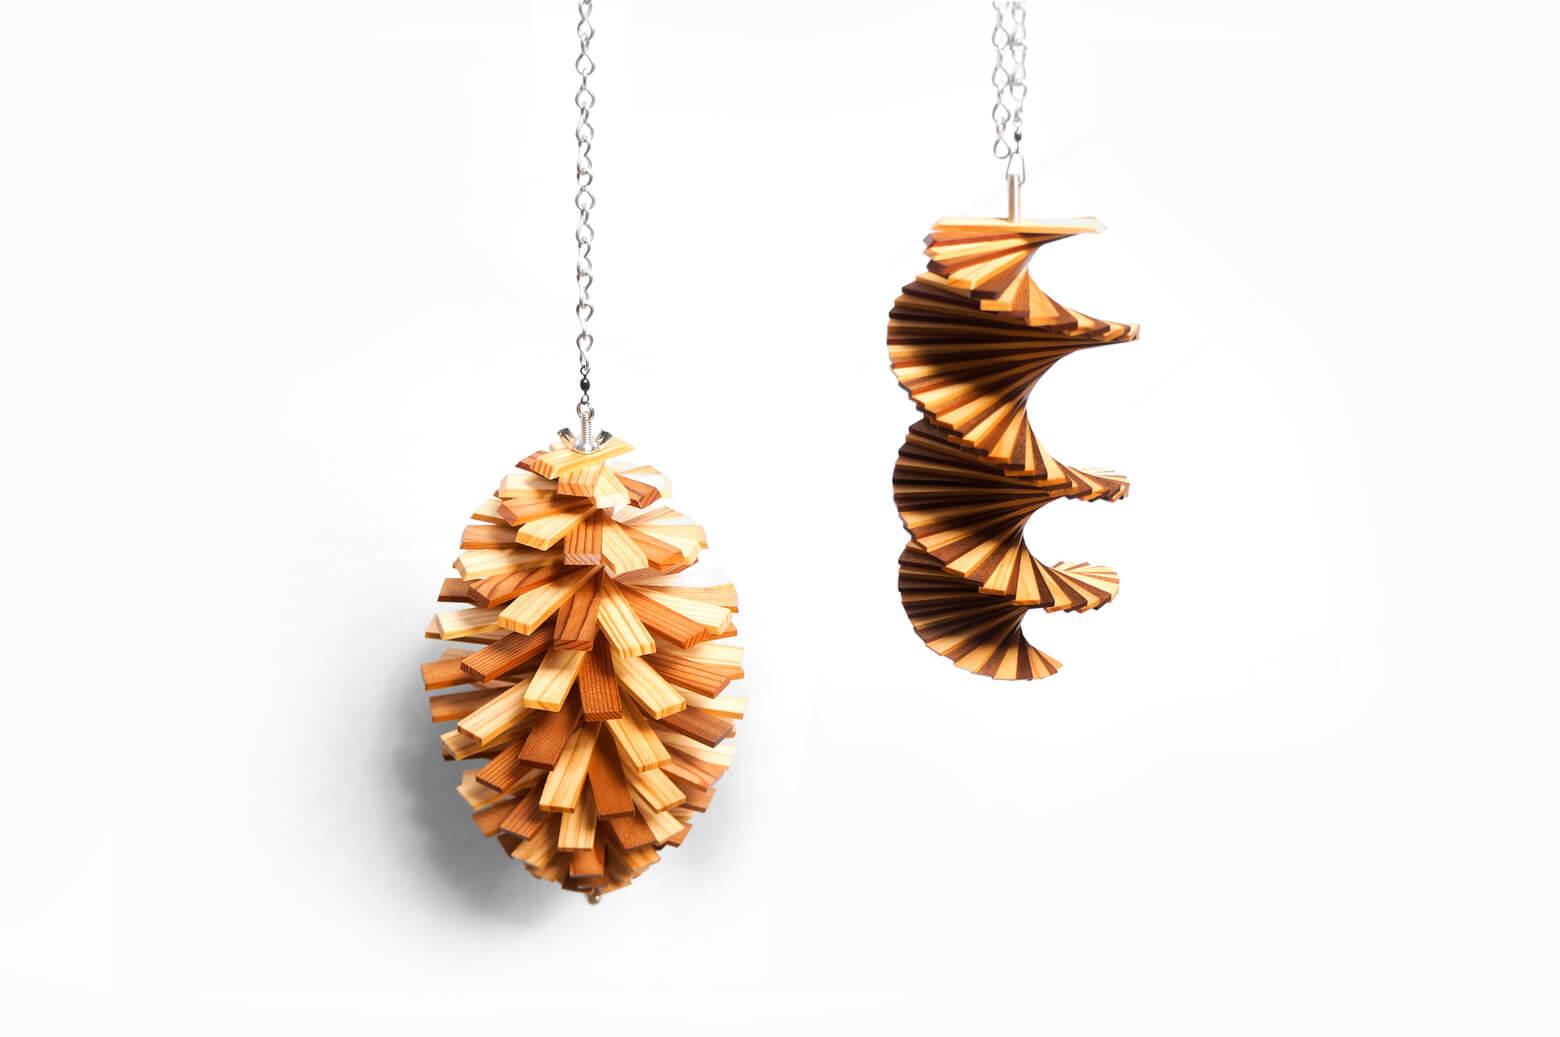 Wood Wind Spinner/ウッド ウィンド スピナー 木製モビール 北欧 インテリア